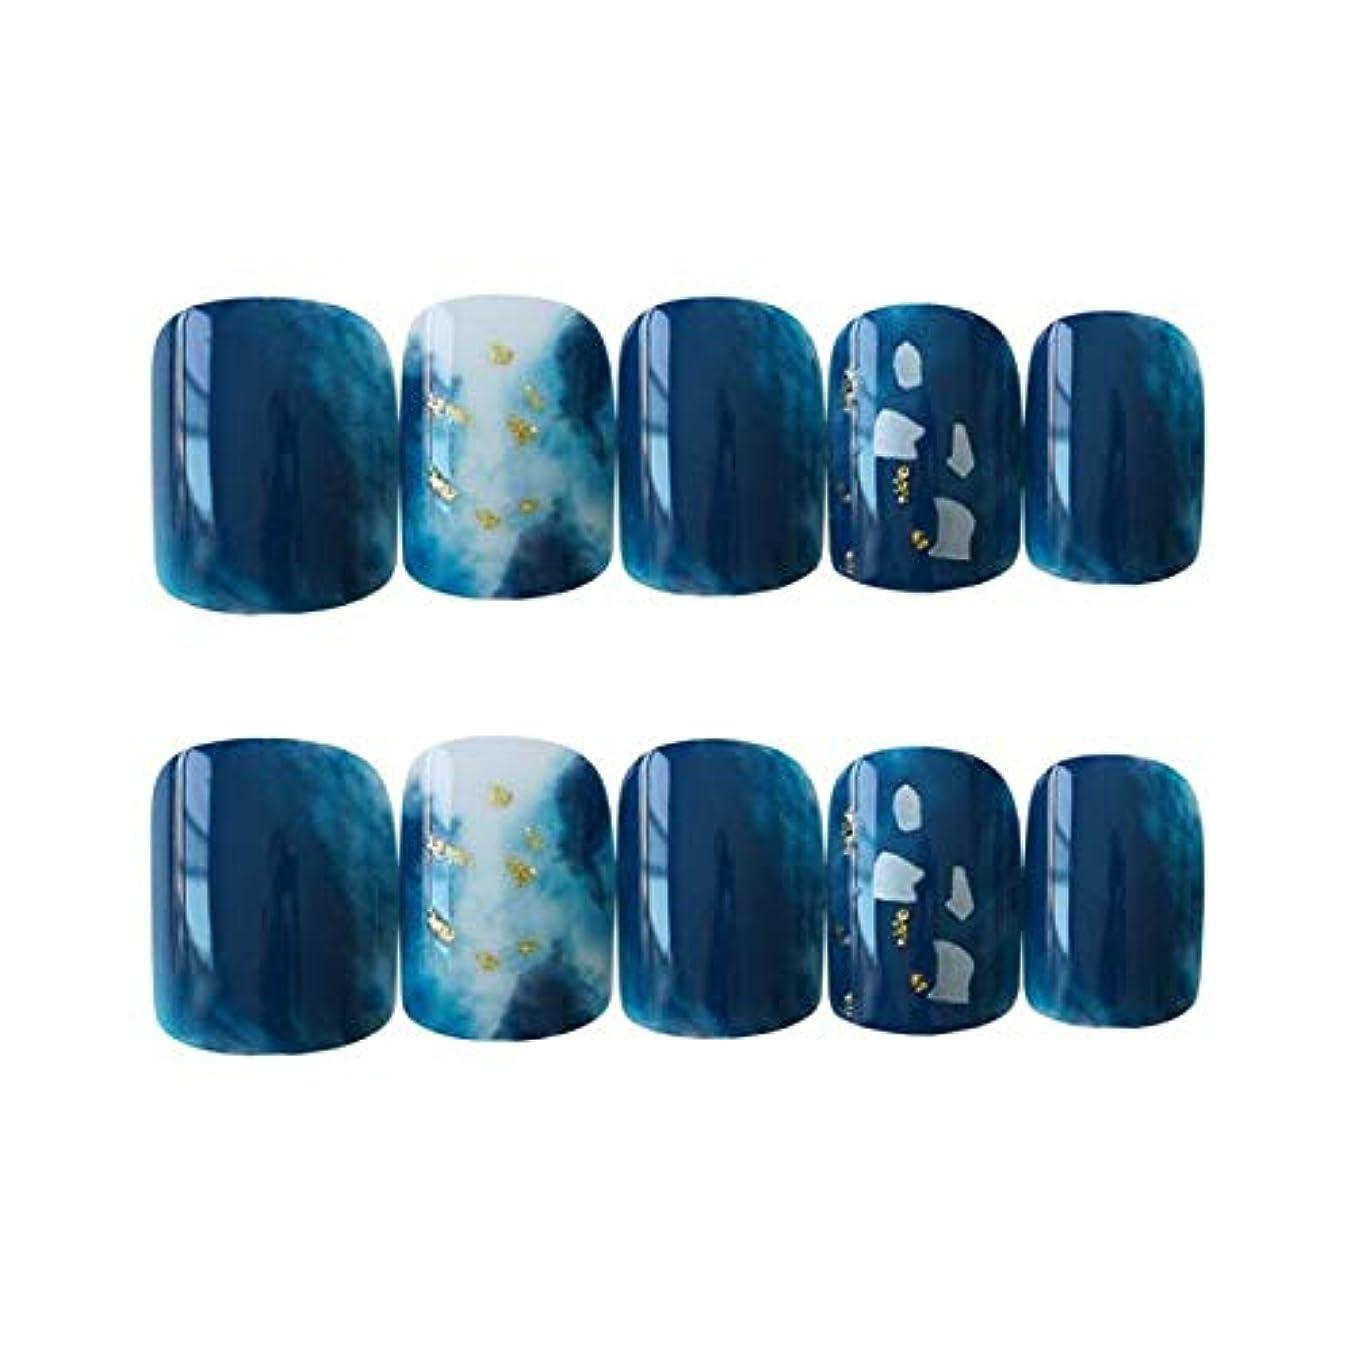 反応する知らせる年YUJIA ネイルチップ つけ爪 付け爪 つけ方簡単 ネイル デコネイルコレクション シール ハロウィン 母の日 パーティ 人気 毎日変身 24枚セット (海洋暈し)